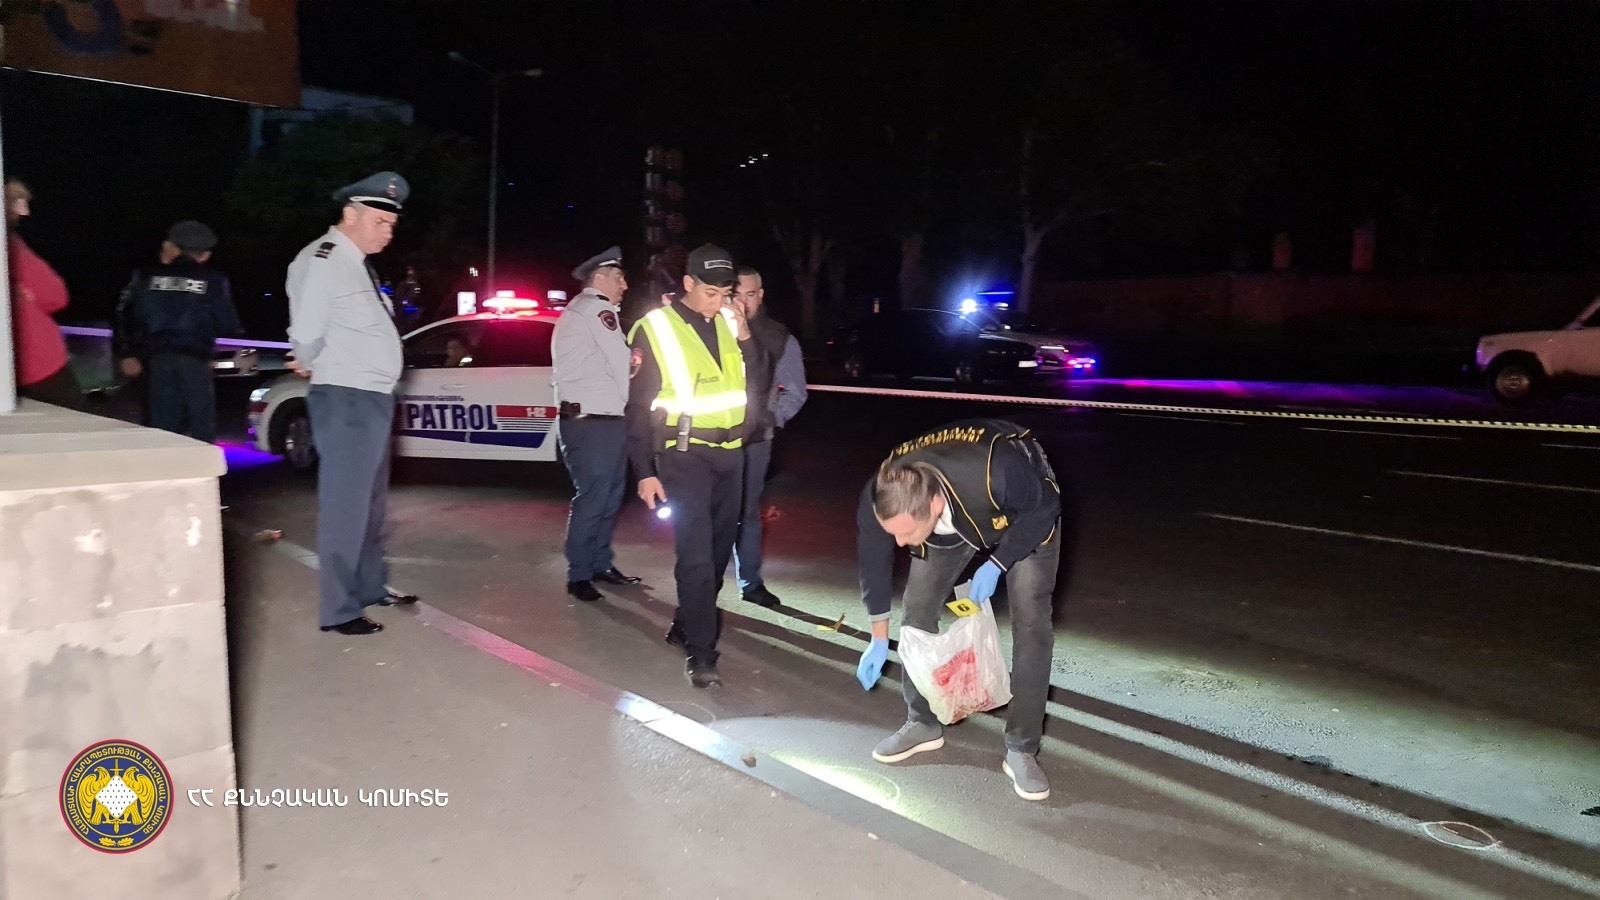 Սպանվածը ՀՀ-ում հայտնի գործարարներից մեկի աղջիկն է․ նոր մանրամասներ՝ «Հաղթանակ» զբոսայգում կատարված սպանությունից